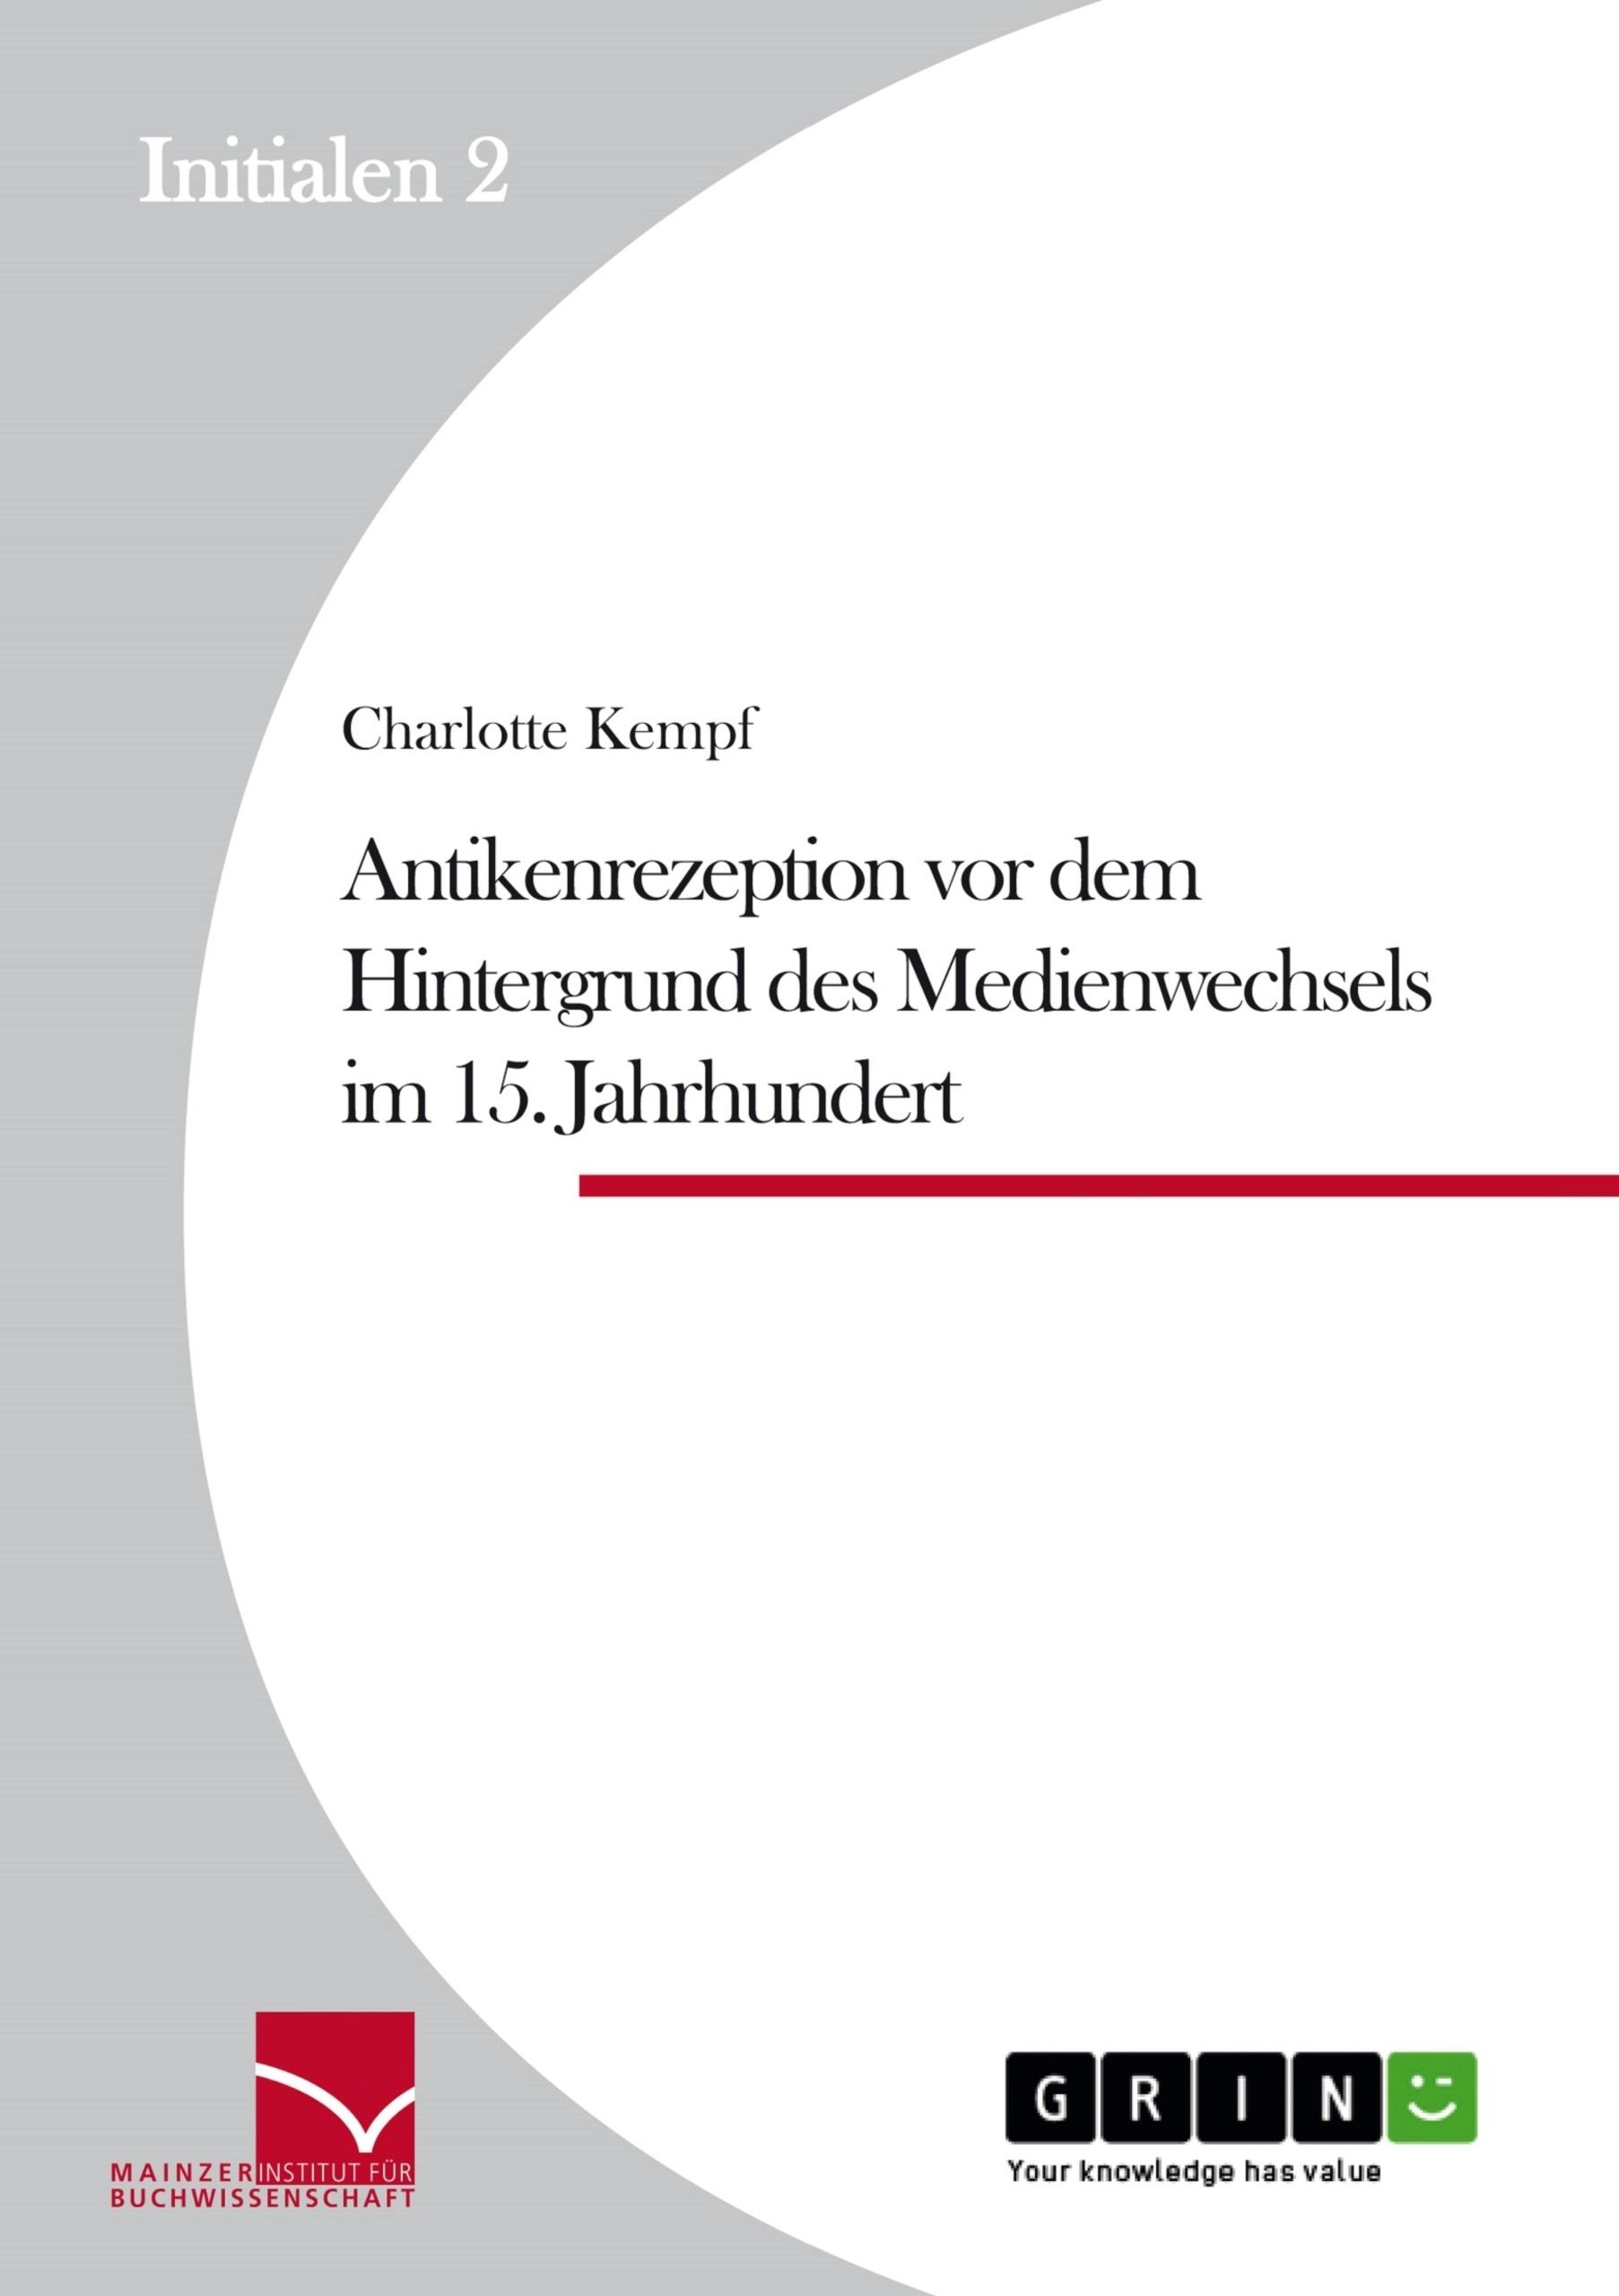 Titel: Antikenrezeption vor dem Hintergrund des Medienwechsels im 15. Jahrhundert